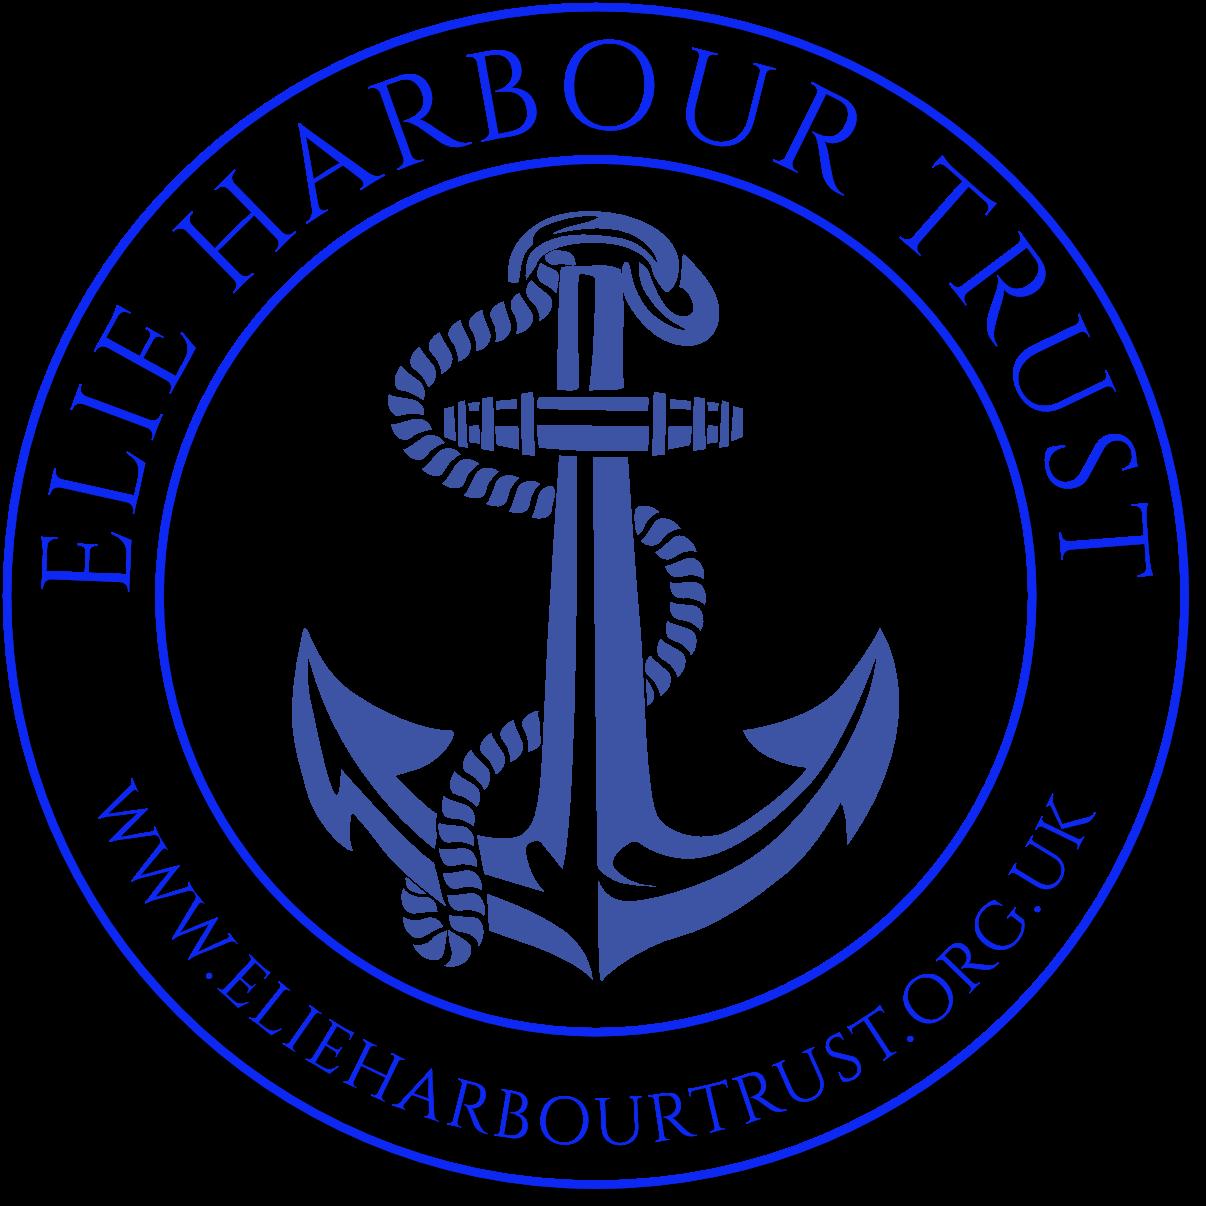 Elie Harbour Trust Ltd logo